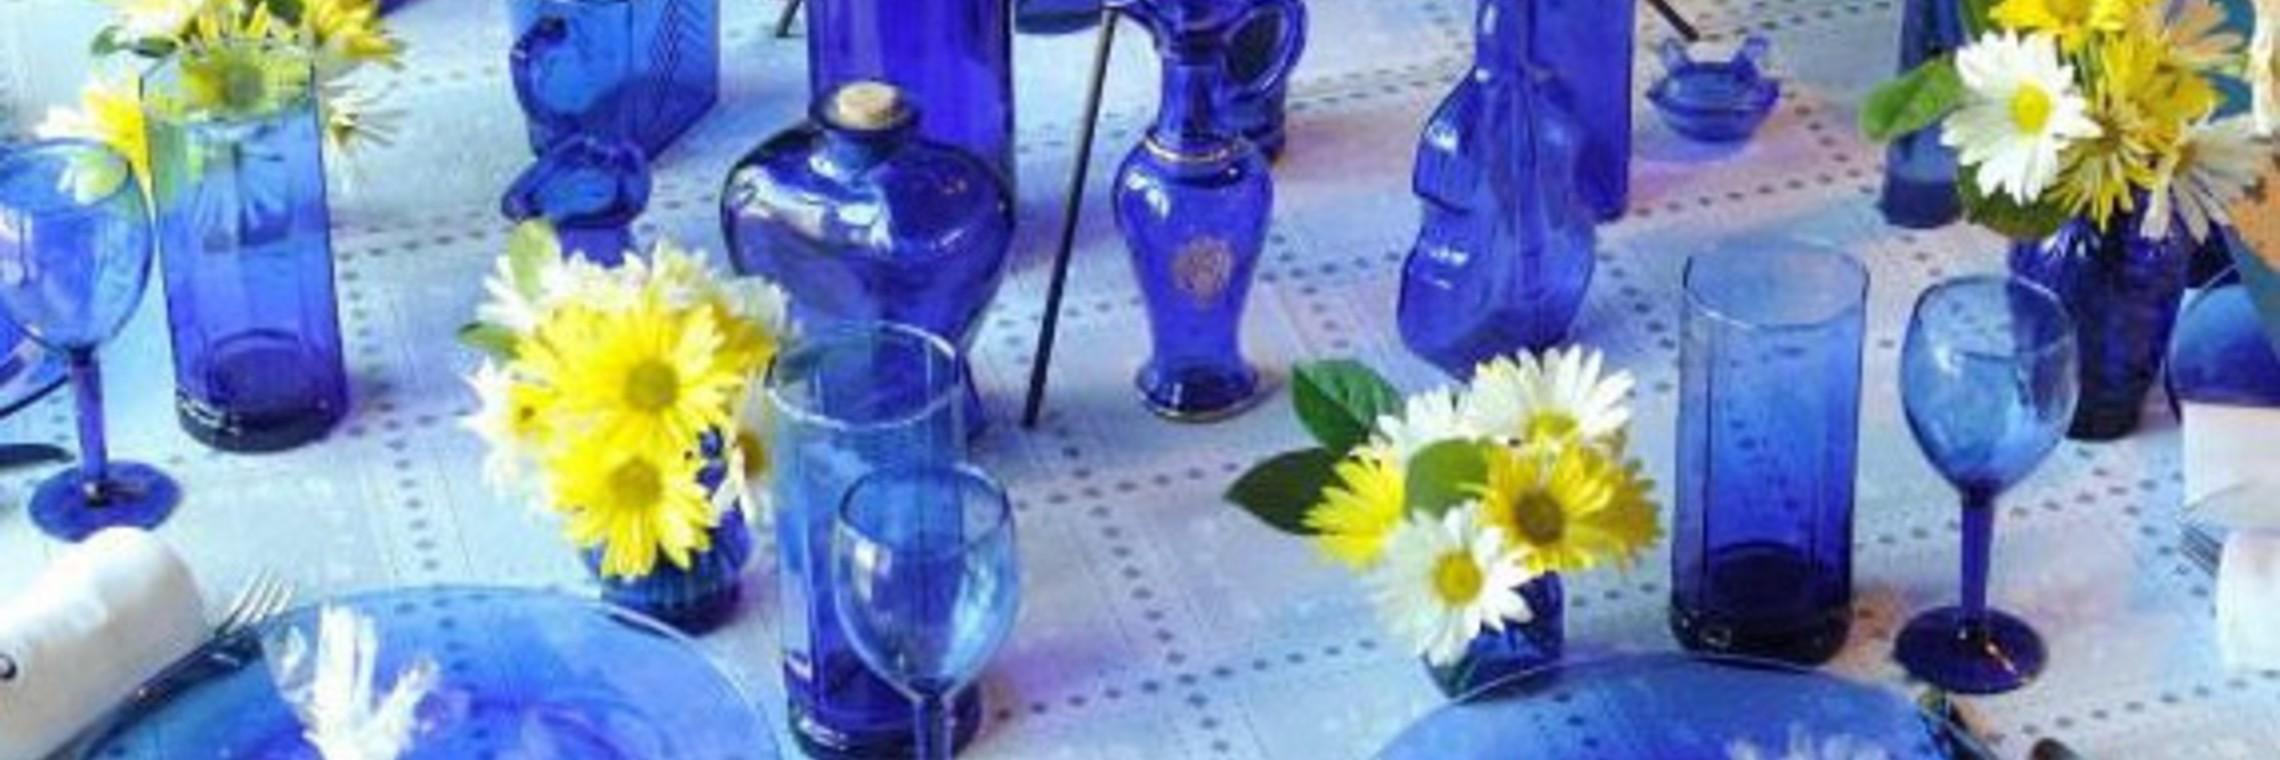 Table Fair Pic